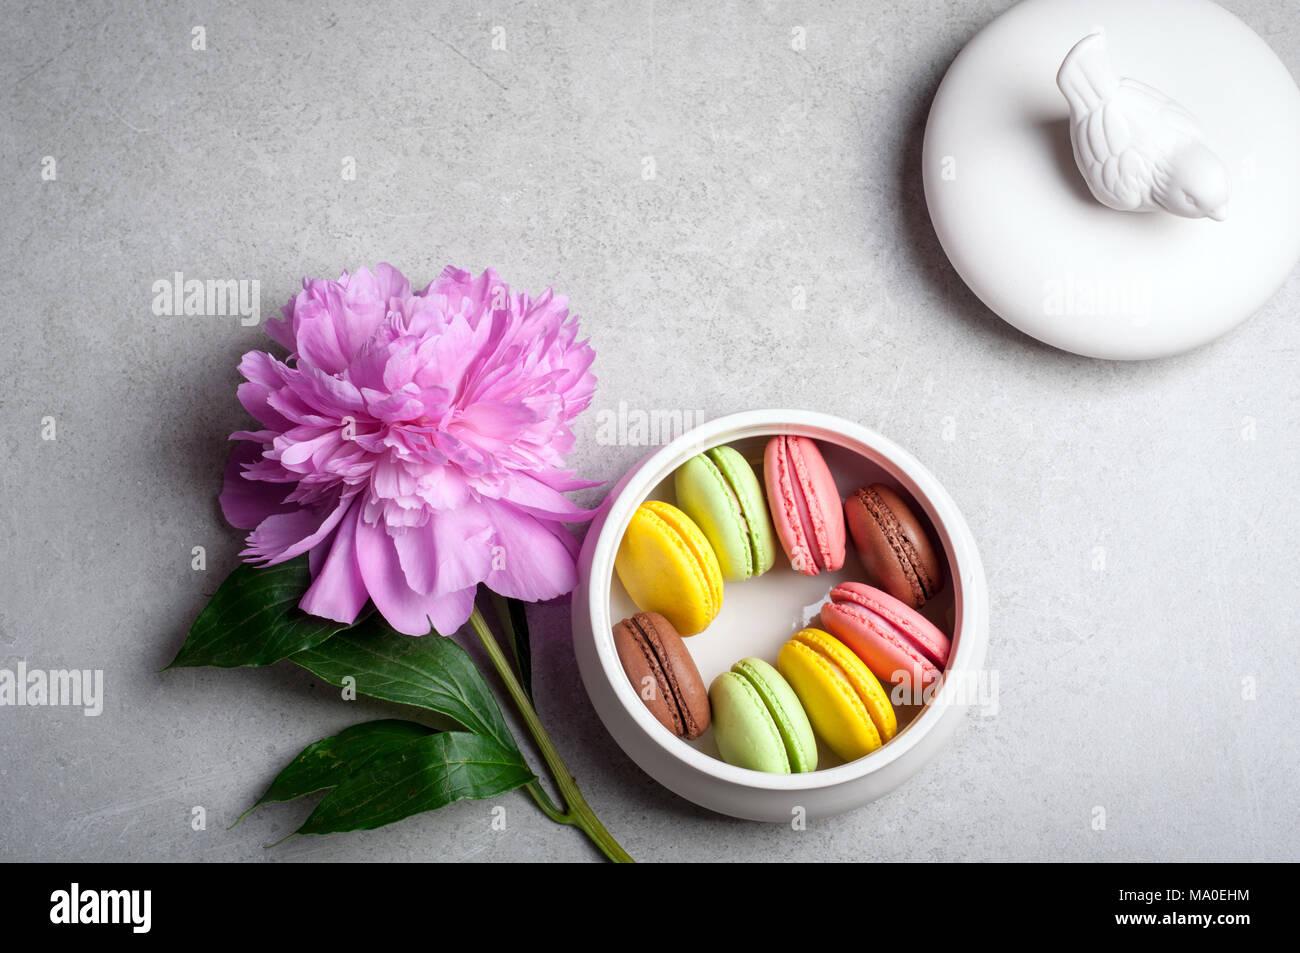 Fiore peonia, amaretti su sfondo grigio. Buon compleanno, annivarsary, Valentino vacanze concept Immagini Stock